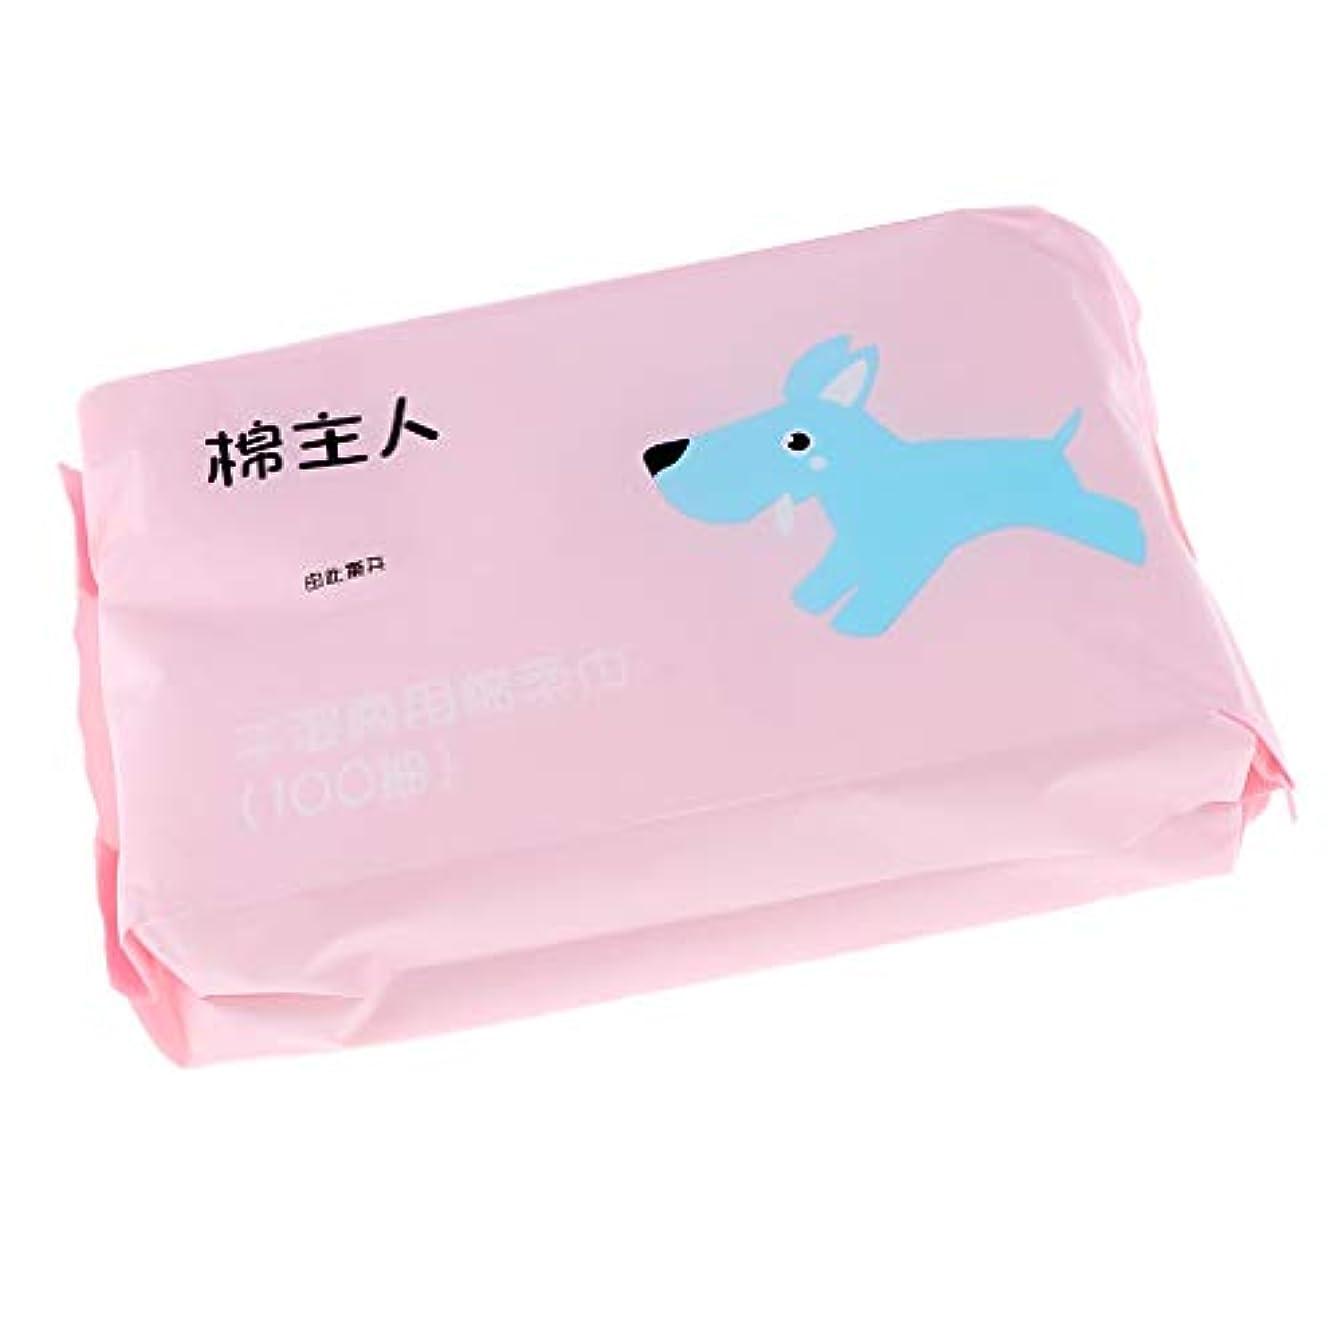 難しい閉塞バタフライ約100枚 クレンジングシート メイク落とし 使い捨て 不織布 非刺激 清潔 衛生 全2色 - ピンク